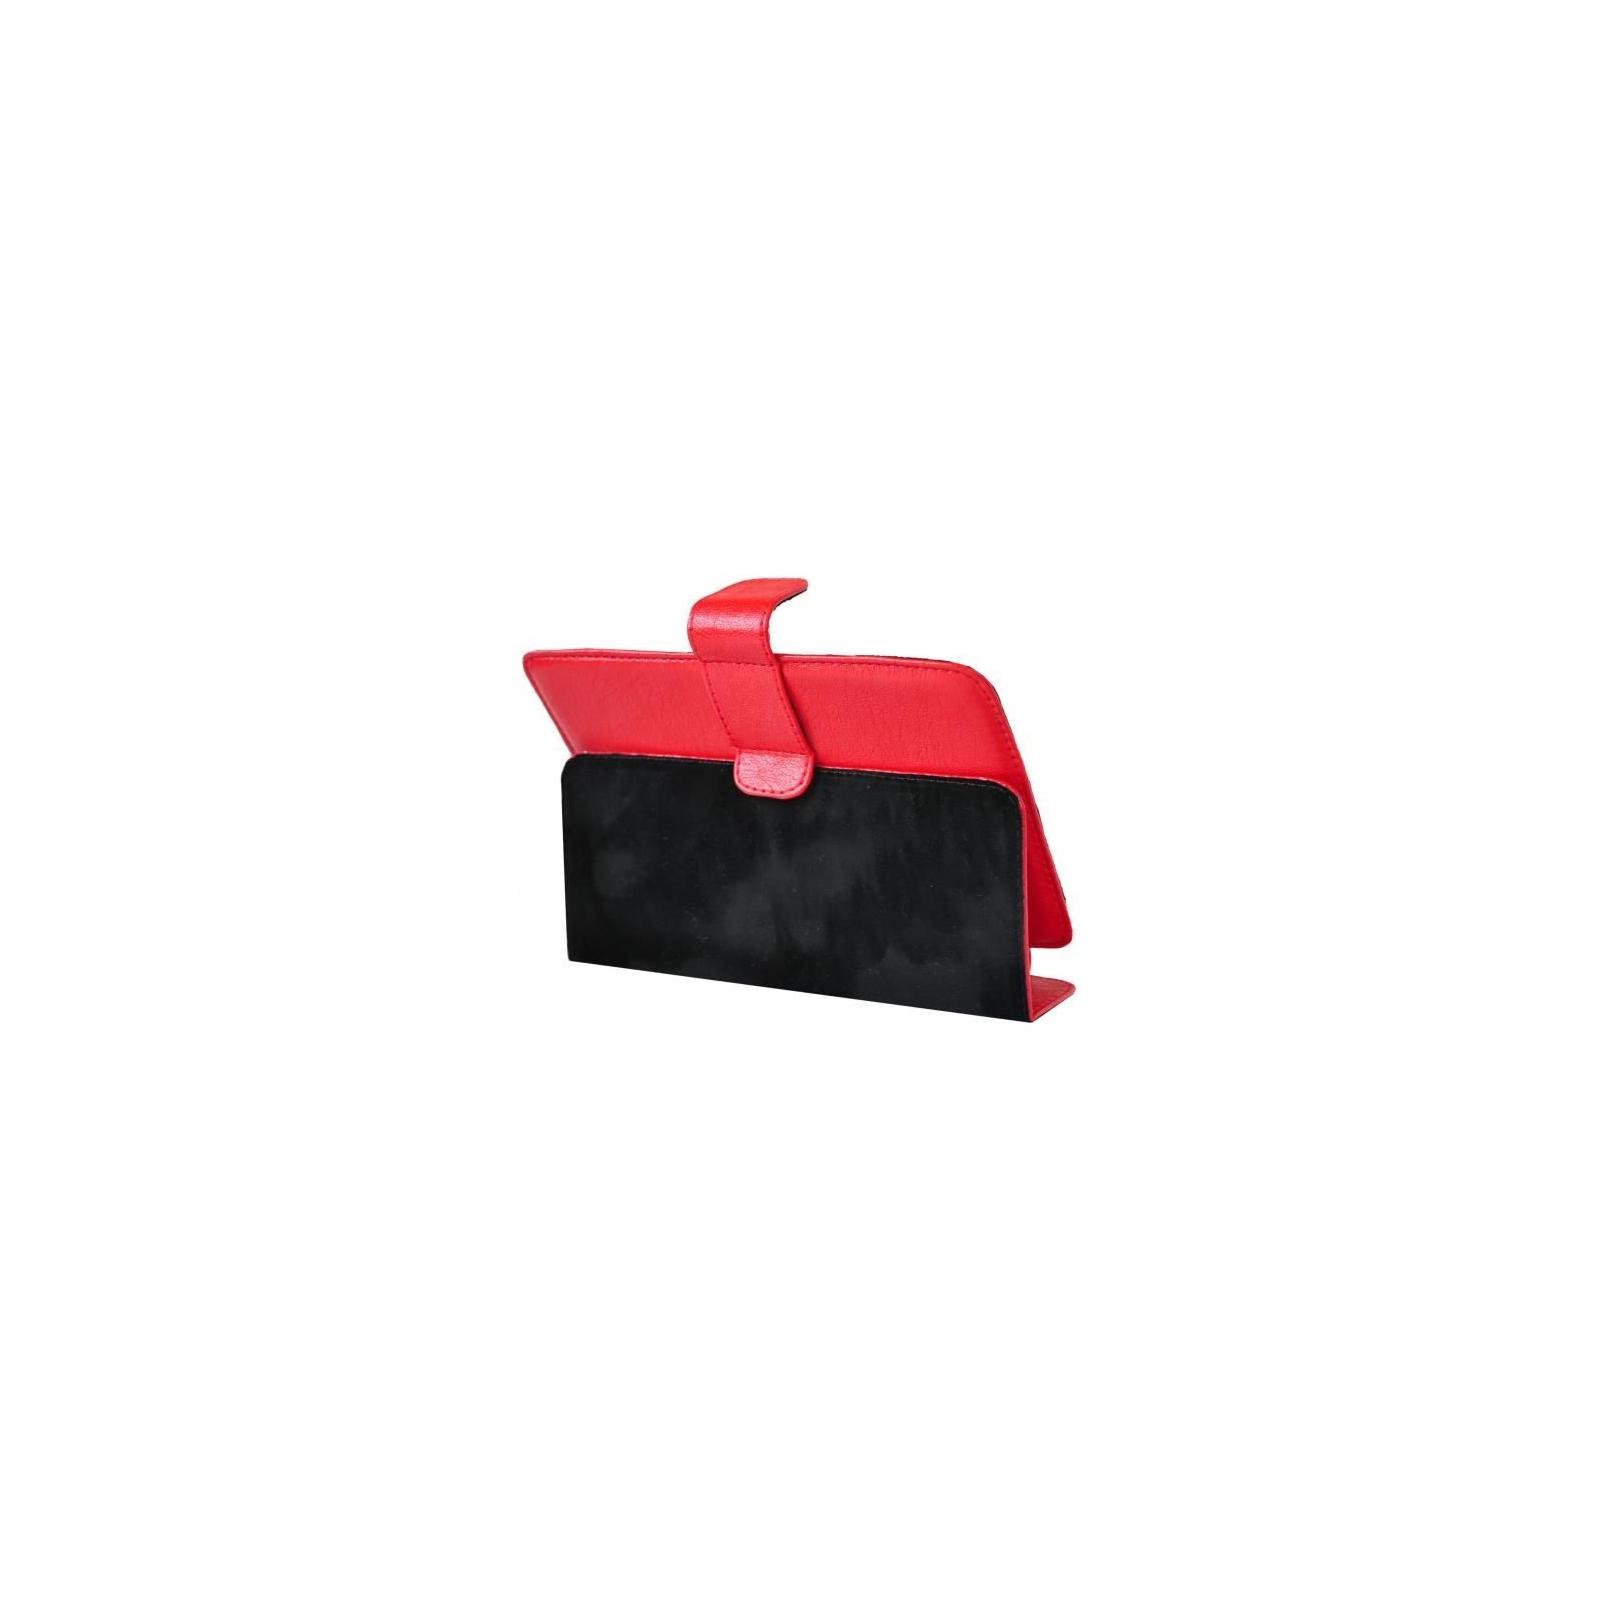 Чехол для планшета Vento 8 COOL - red изображение 2